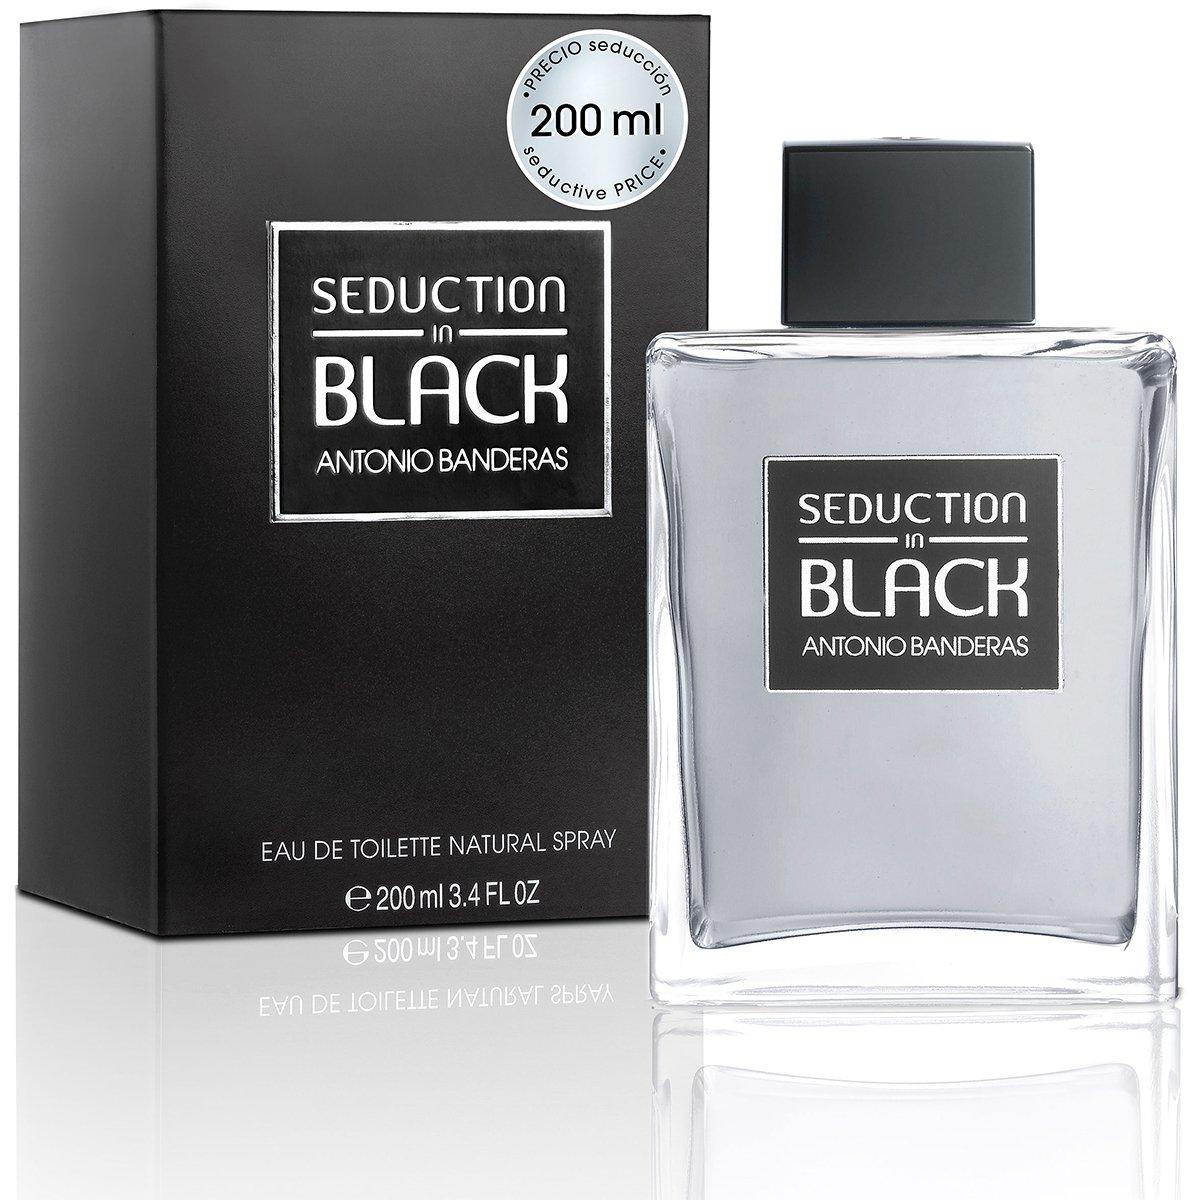 9fda8875a Antonio Banderas Perfumes Masculino Black Seduction EDT 200ml - Compre Agora